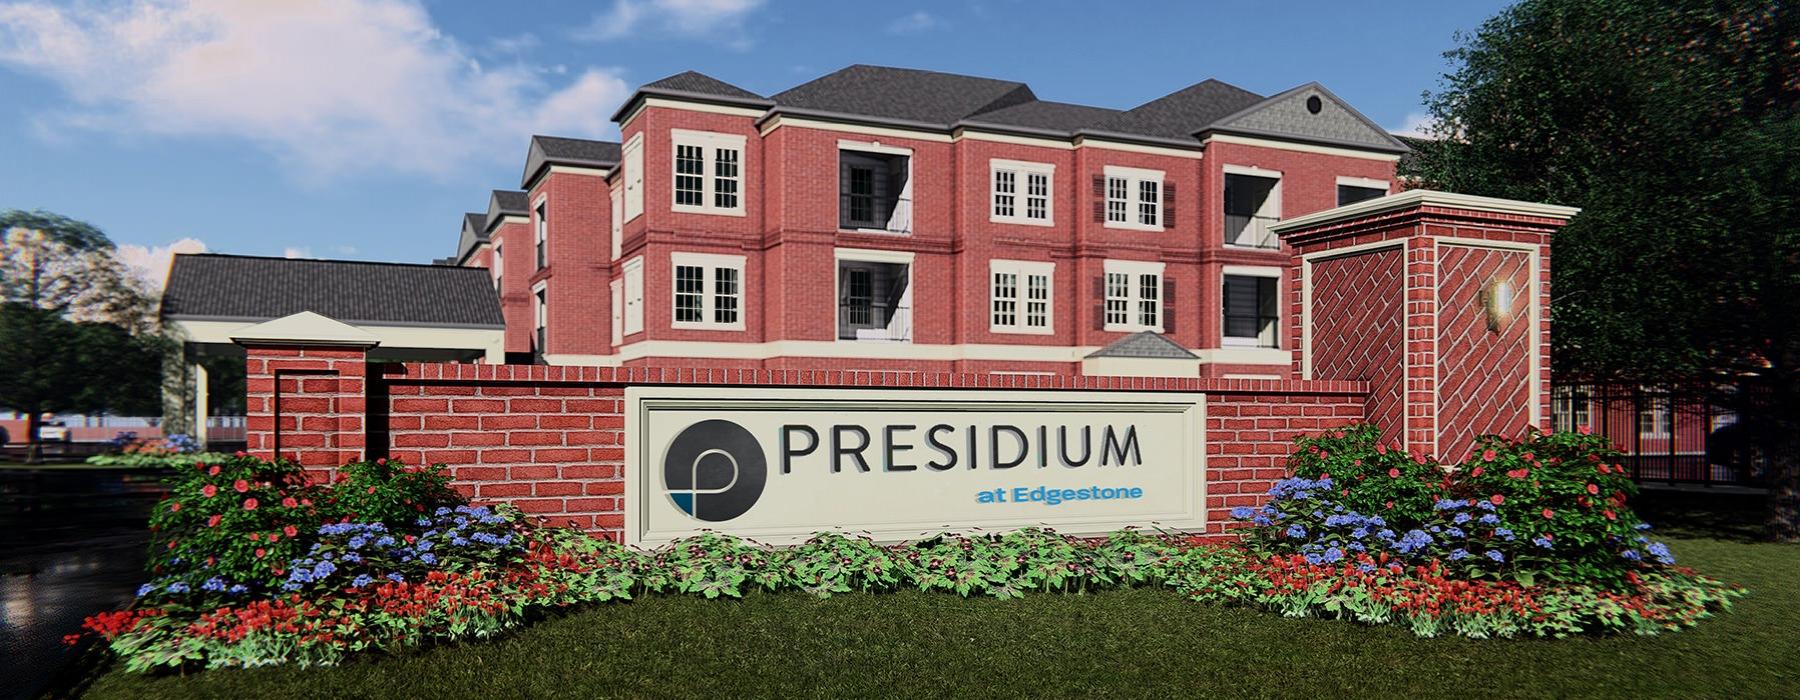 Presidium at Edgestone Exterior Building